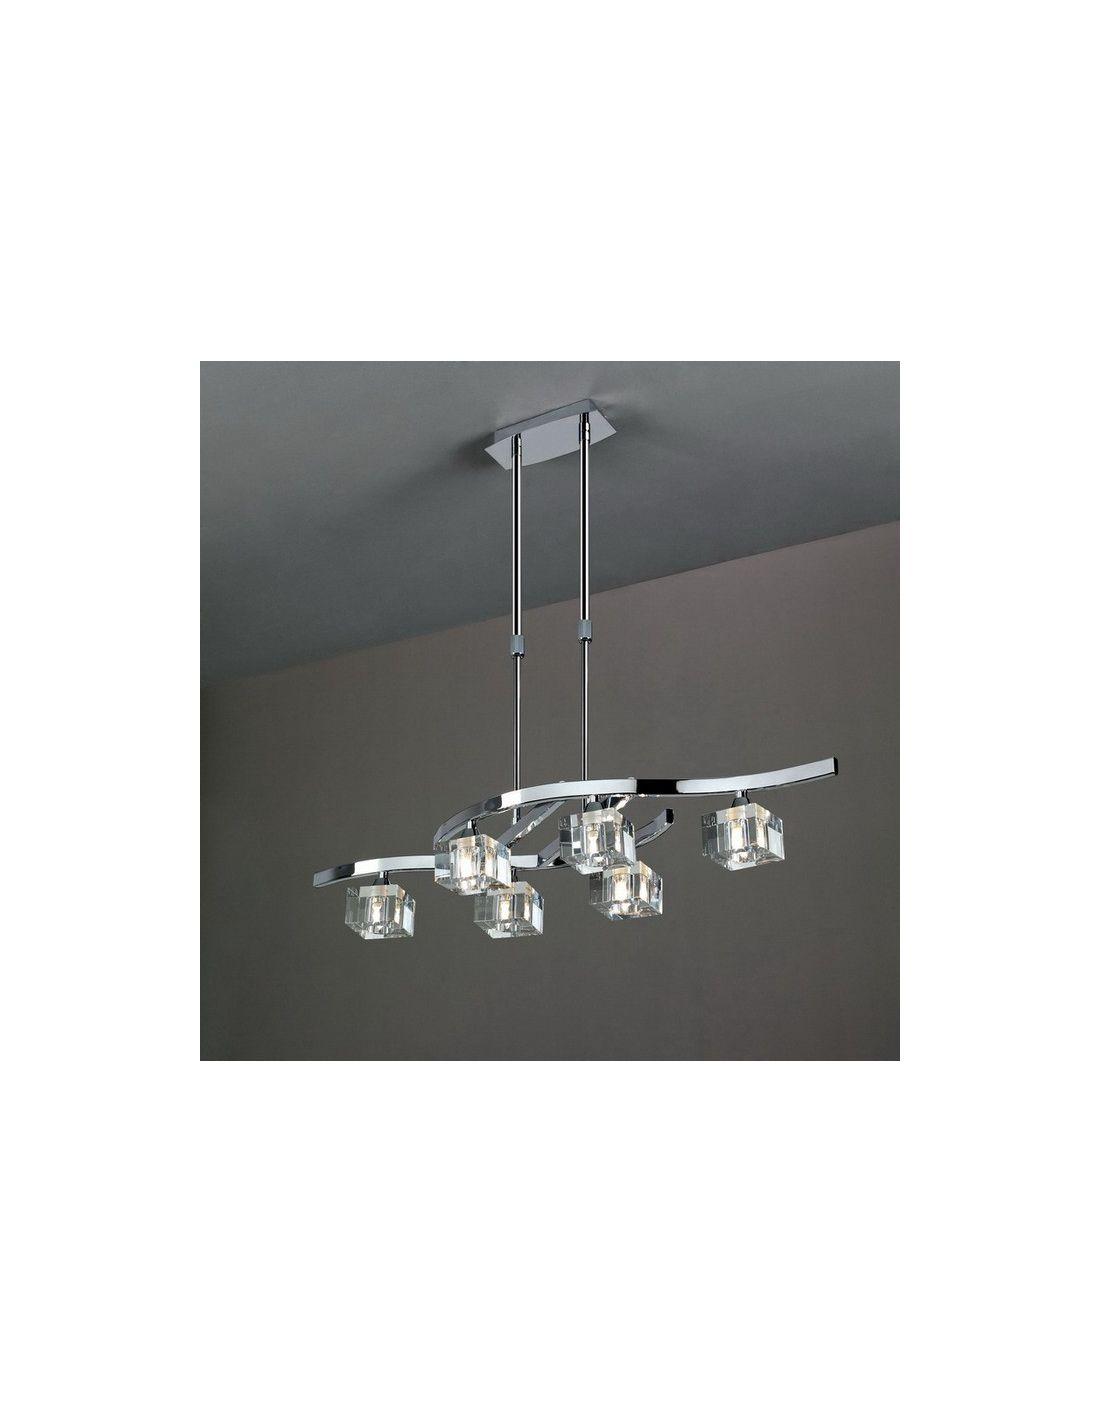 Lamparas lamparas baratas lamparas de techo baratas - Colgantes de cristal para lamparas ...